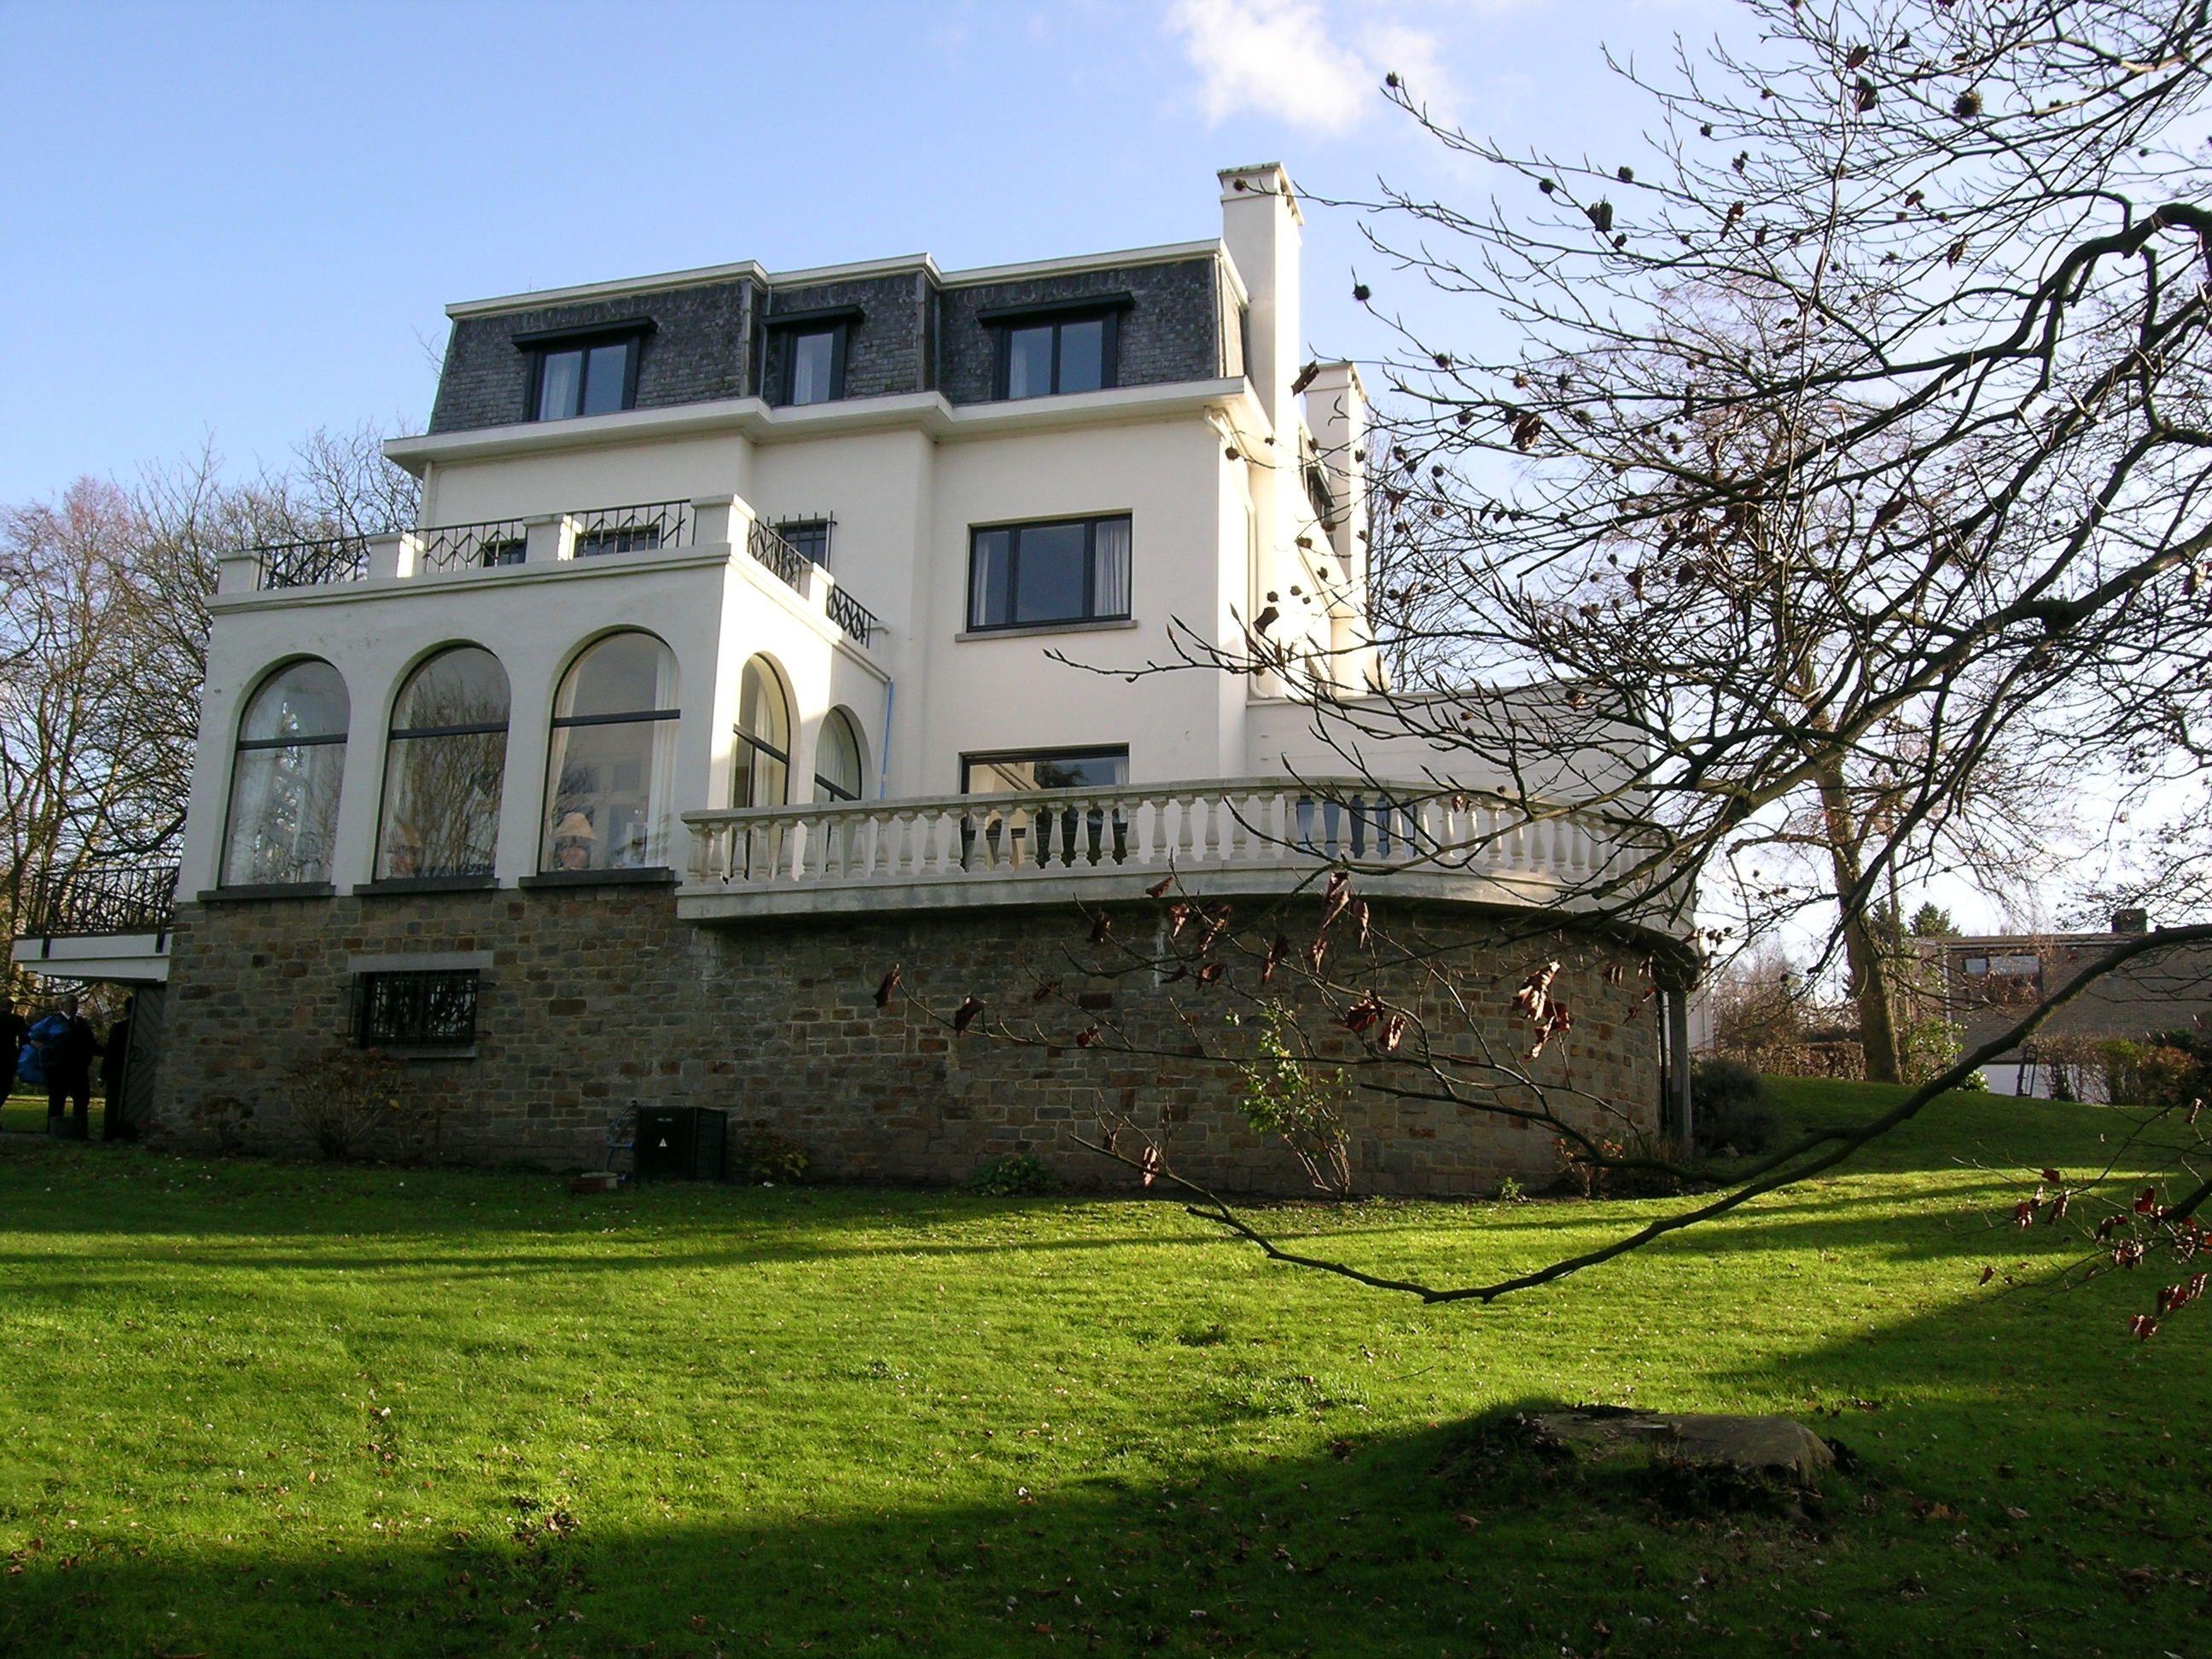 Maison vendue 4053 Biens vendus